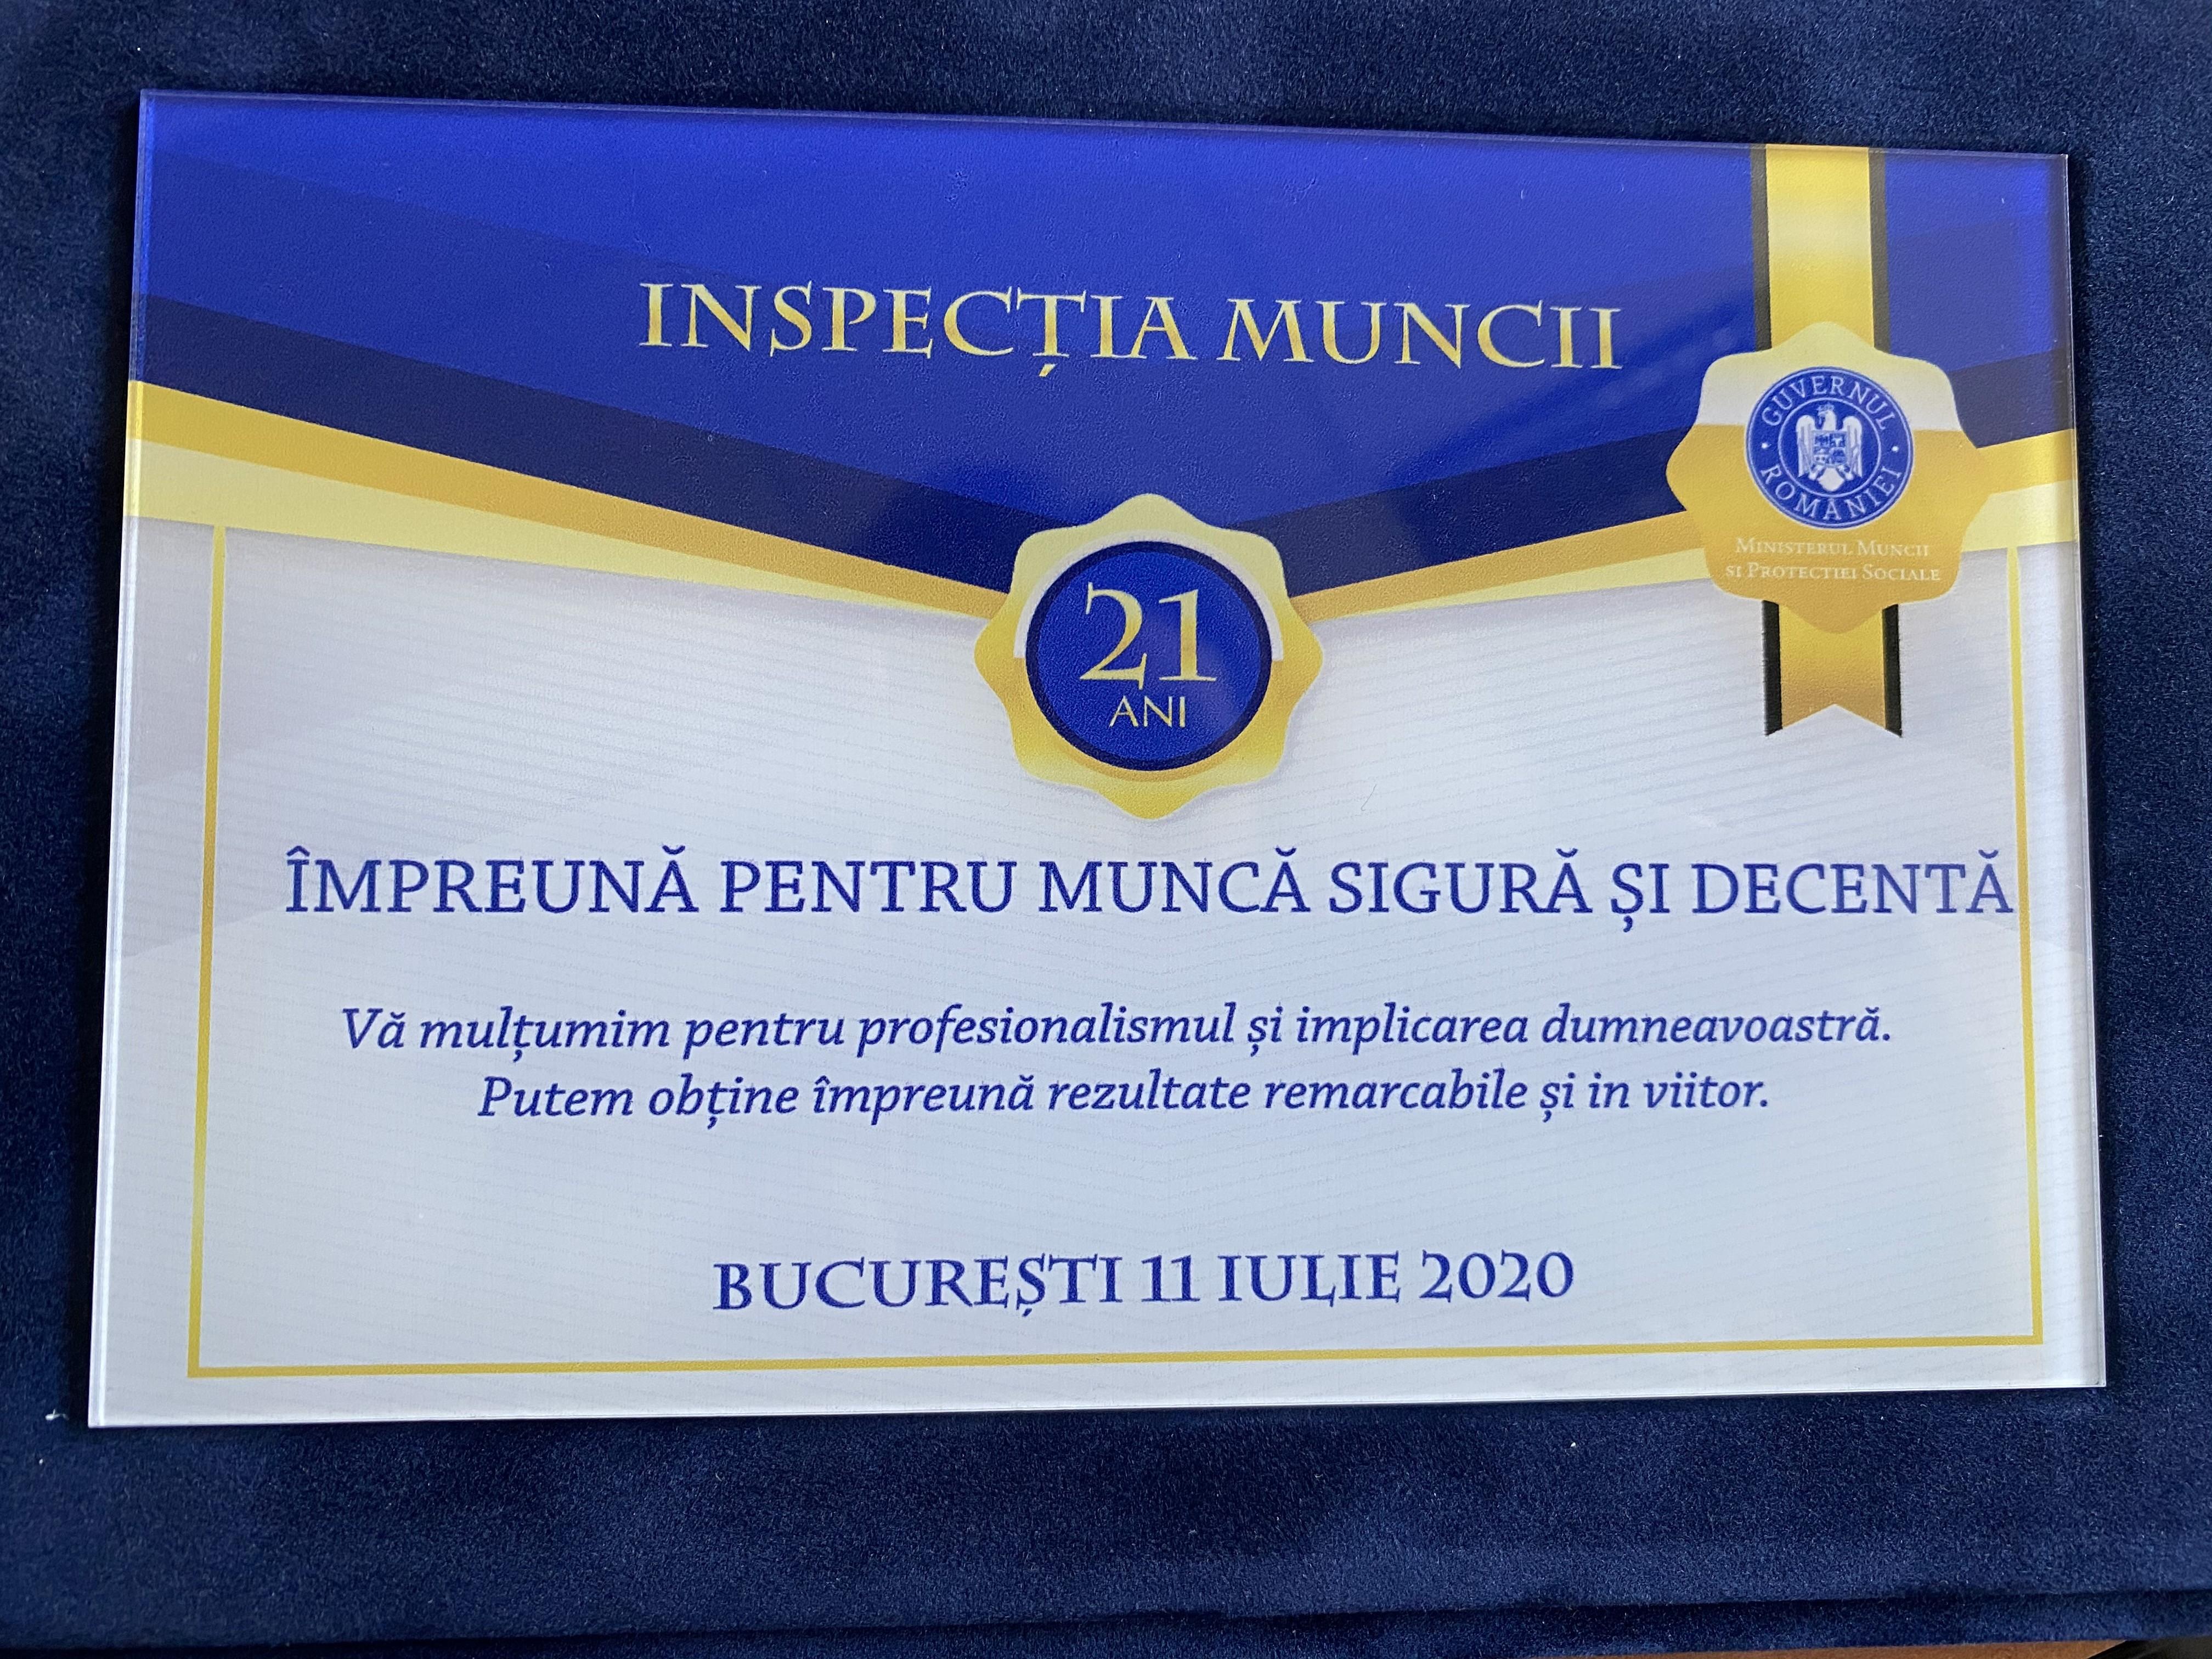 INSPECTORII DE MUNCA ARADENI IMPLICATI ACTIV IN LUPTA IMPOTRIVA RASPANDIRII COVID-19